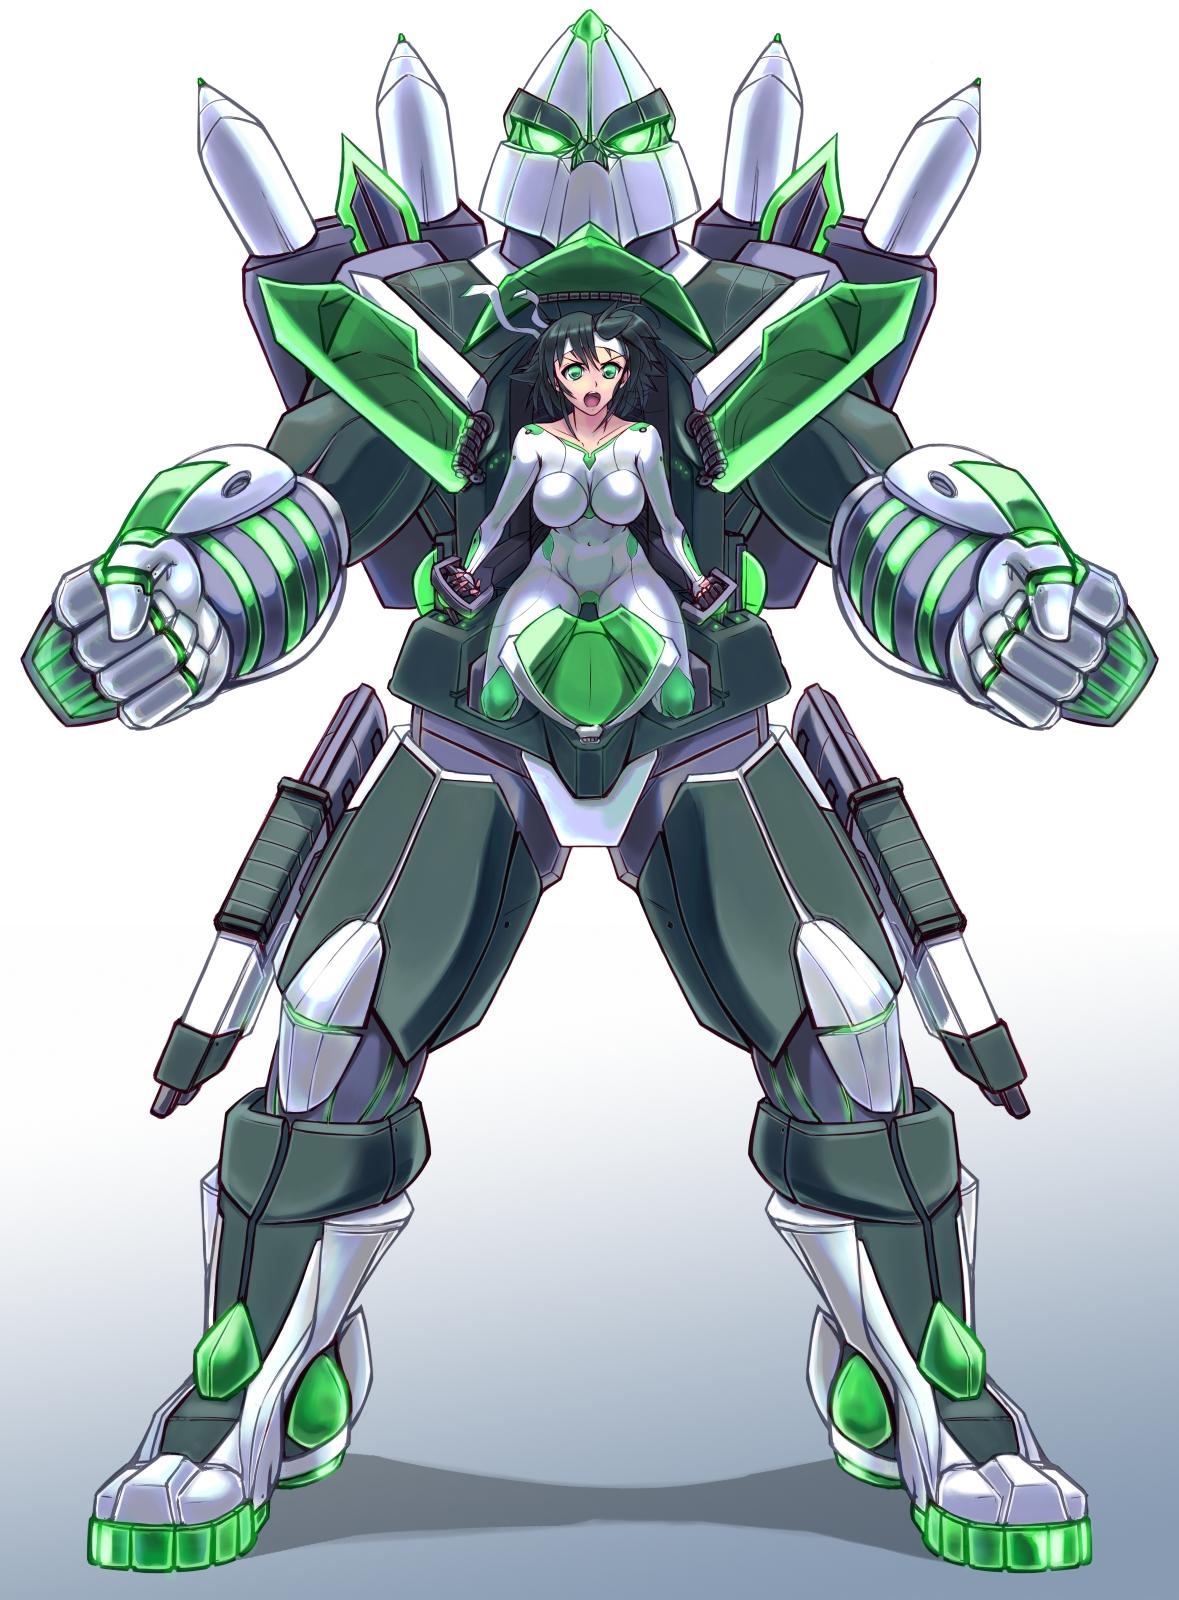 MRBOT MK II by hybridmink